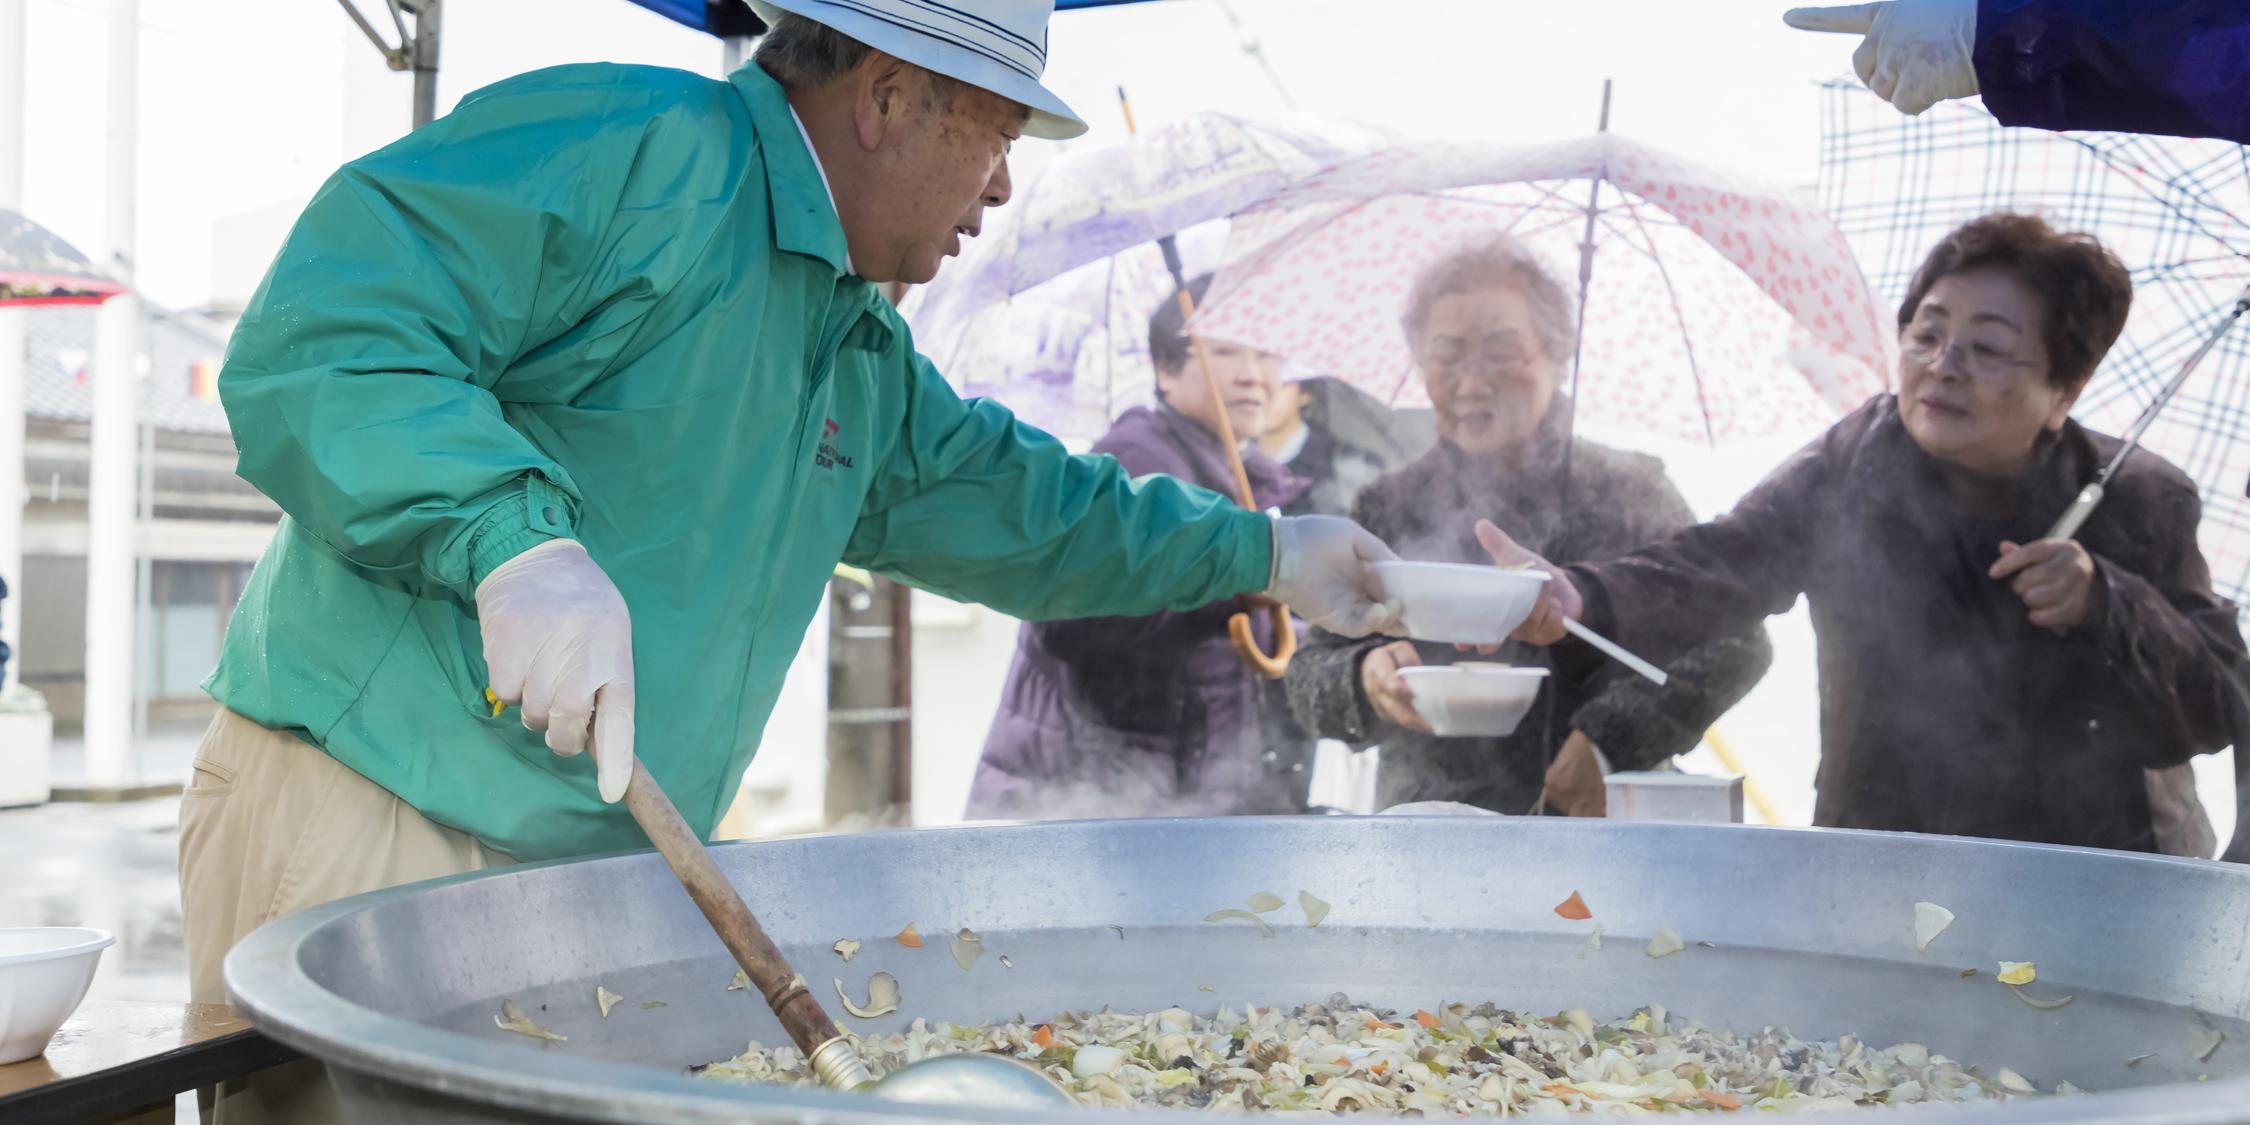 商業祭りいがっぺ市でバザーと舞茸汁の無料配布